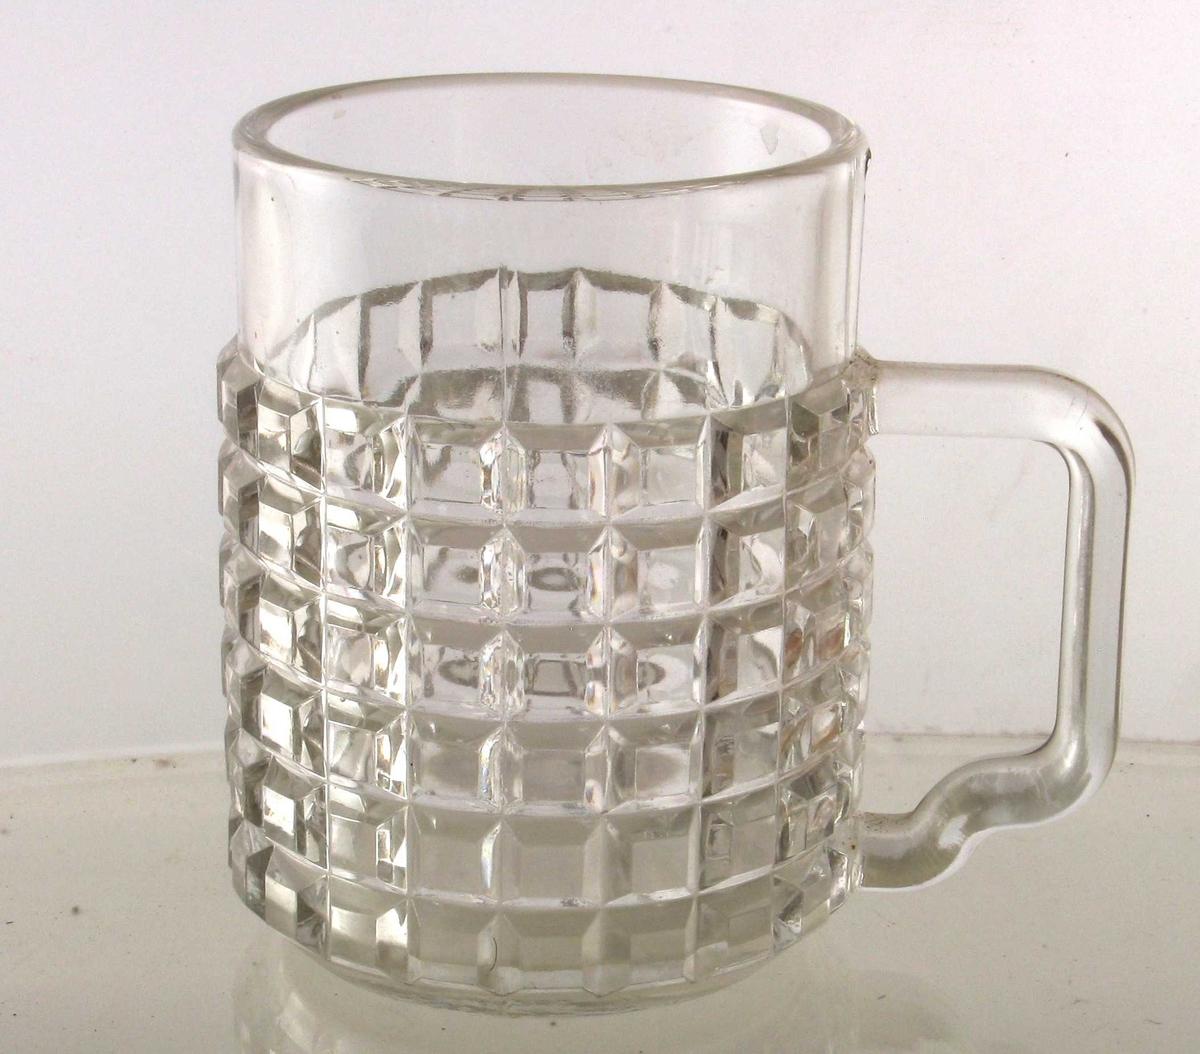 Krus av pressglass.    Sylindrisk bredt glass med hortsontal/  Vertikalrutet nedre del, glatt øverst.  Knekket hank.   Tilstand: god.